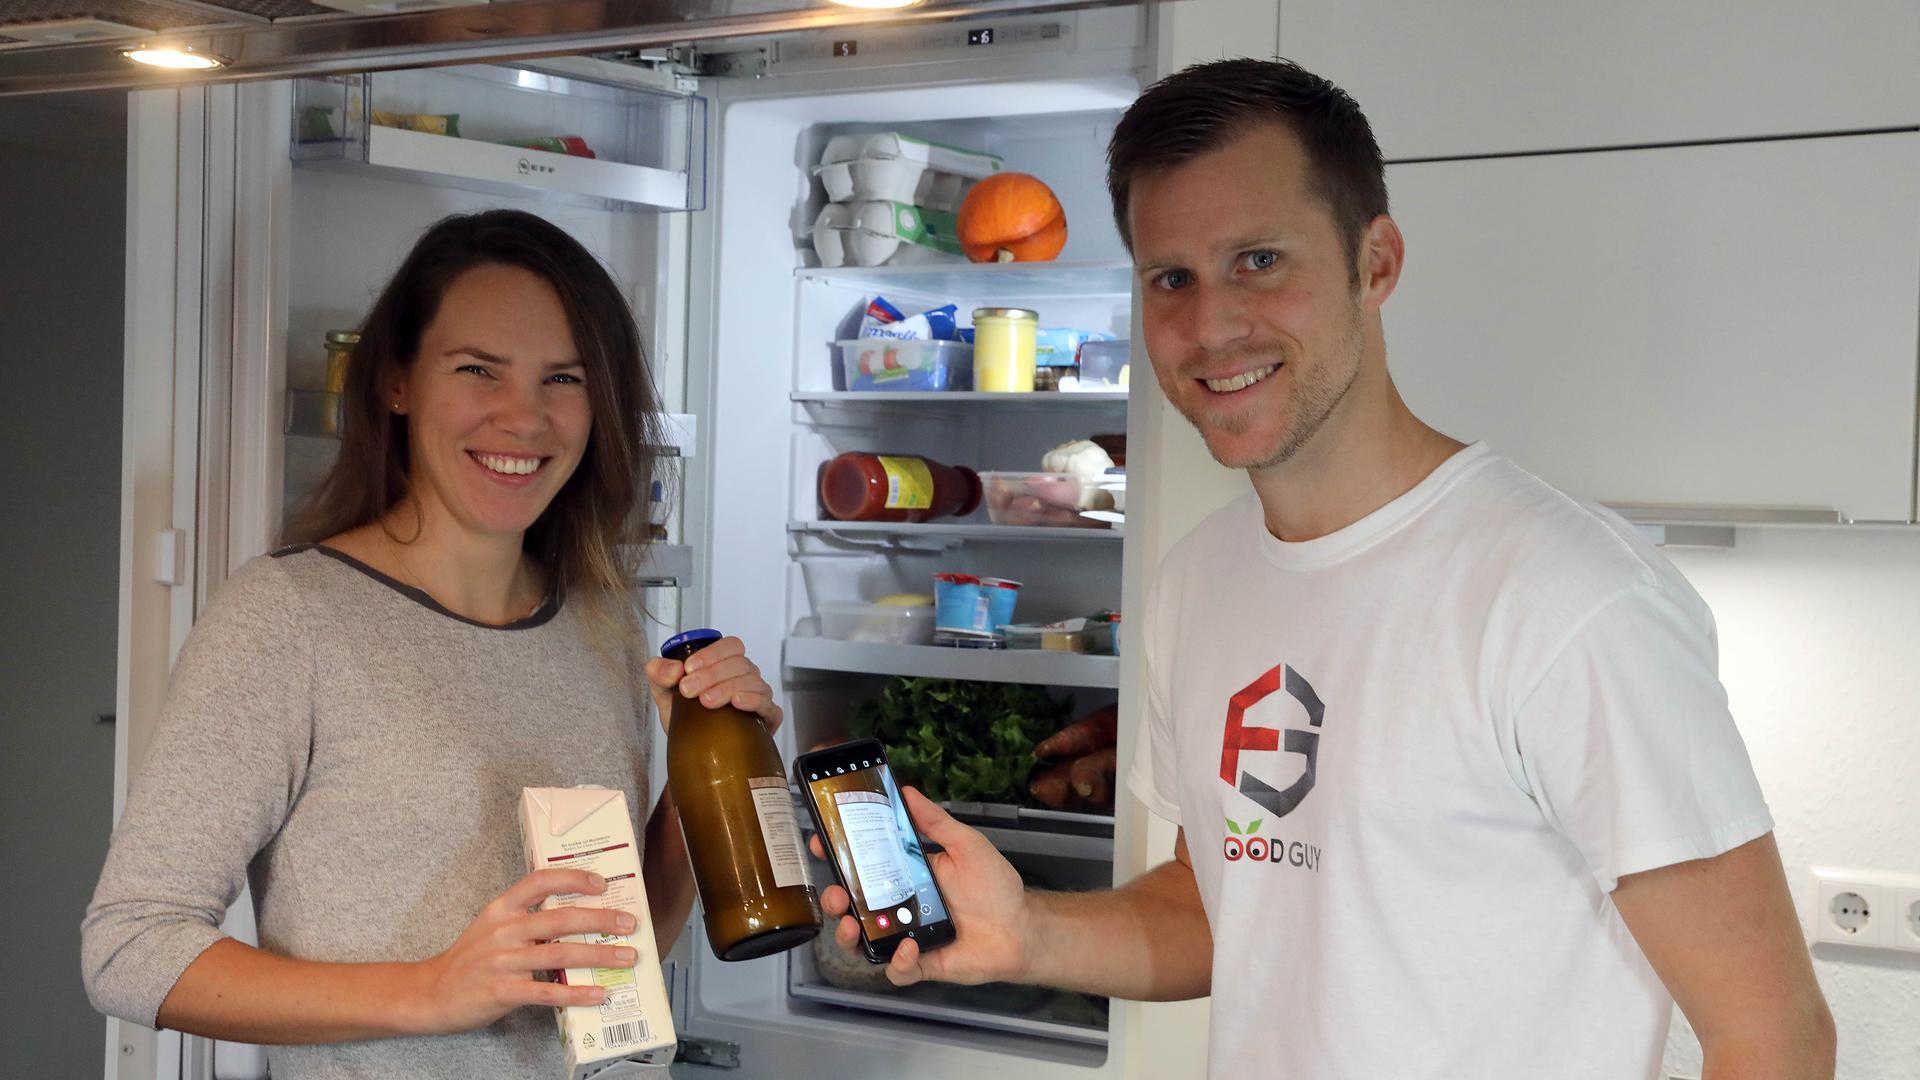 16.12.2020 Start up in der Corona-Krise: Caro Schröder und Marcel Pleeß haben das Unternehmen Food Guy zum Thema gesunde Ernährung gestartet. Das wäre zwar ohne Corona sicherlich anders gelaufen, doch hilfreich ist das aktuell überdurchschnittliche Interesse.